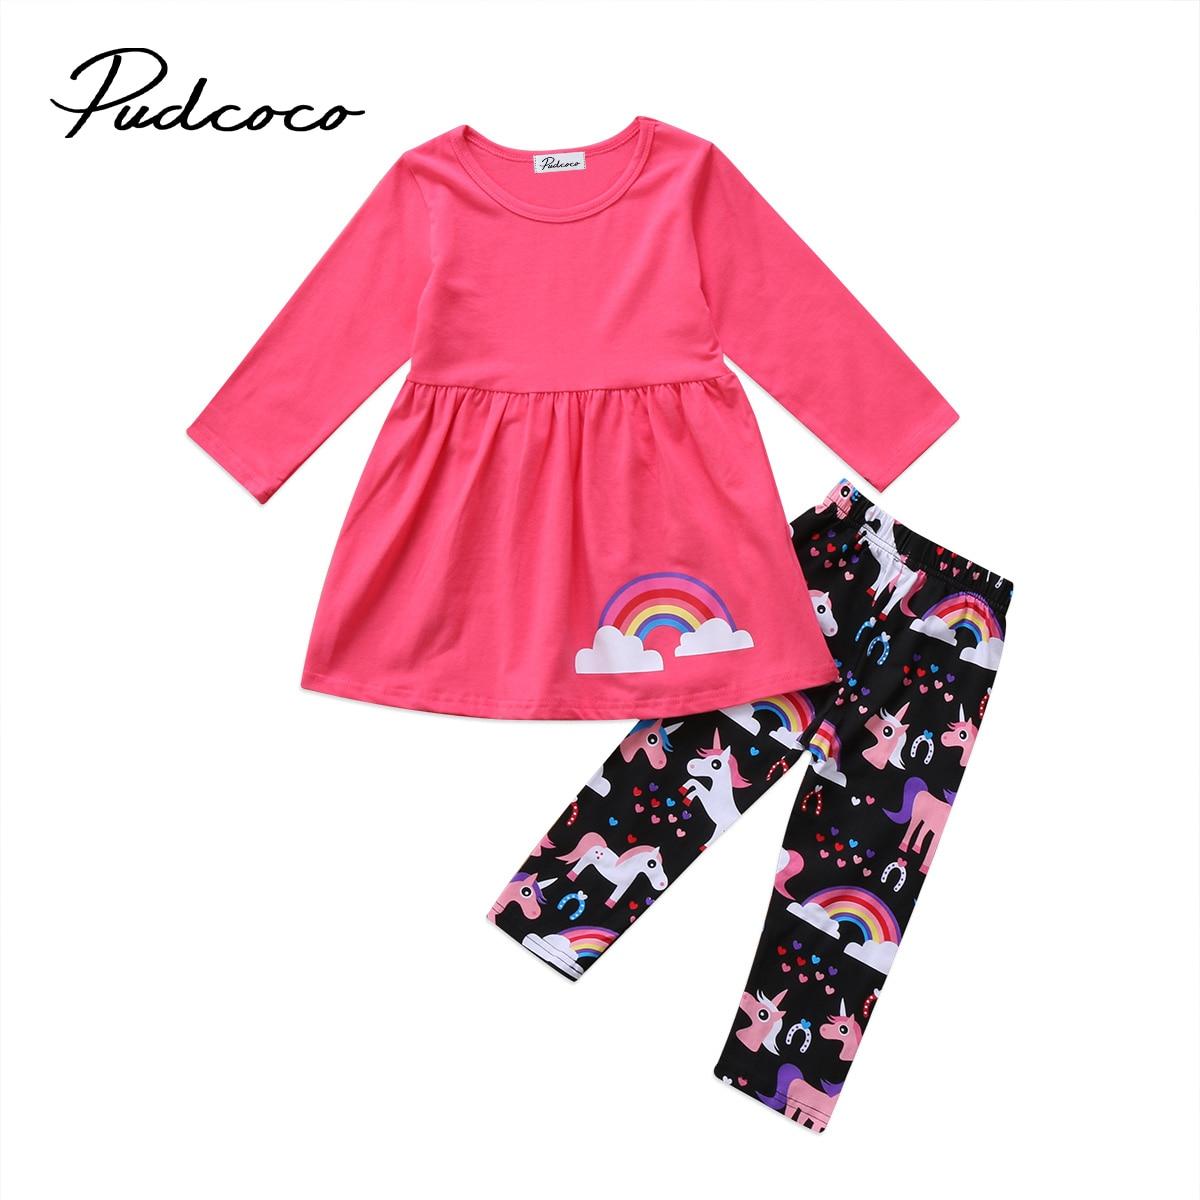 Toddler Bambini Neonate Che Coprono L'insieme Unicorn Stampa Top T-Shirt Pantaloni Delle Ghette di Inverno Vestiti di Cotone Abiti A Maniche Lunghe 2 pz